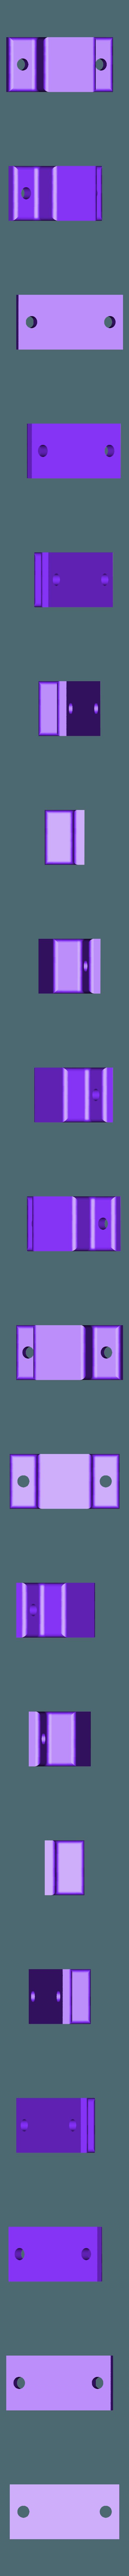 sliding_bolt_receiver.stl Télécharger fichier STL gratuit Verrou de porte coulissante Impression entièrement assemblée • Design à imprimer en 3D, Sagittario